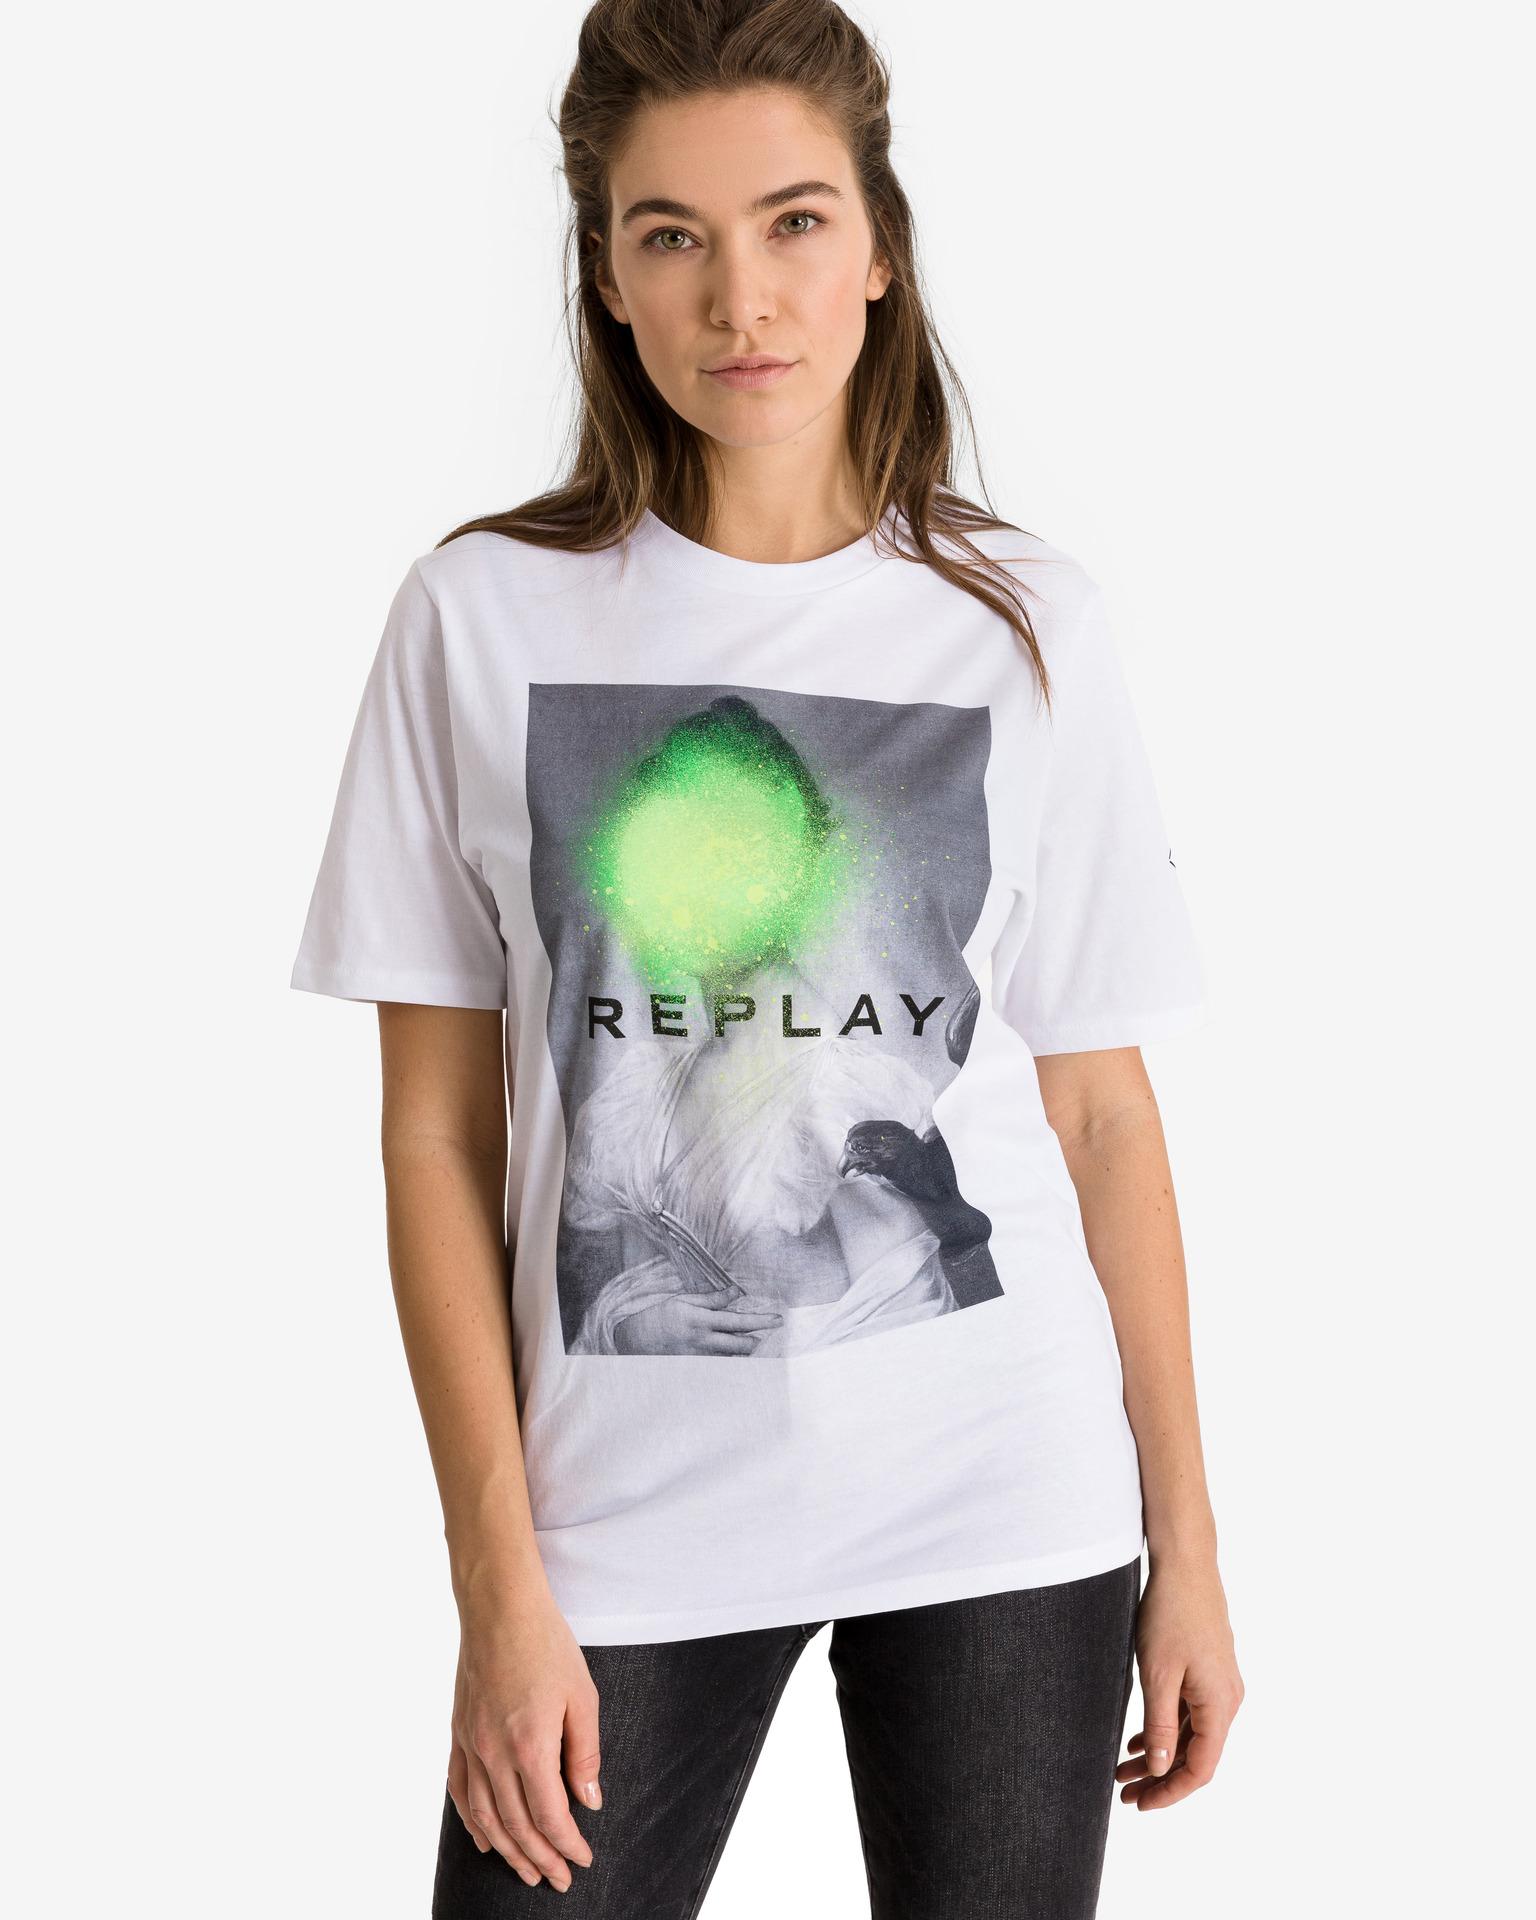 Replay Women's t-shirt white